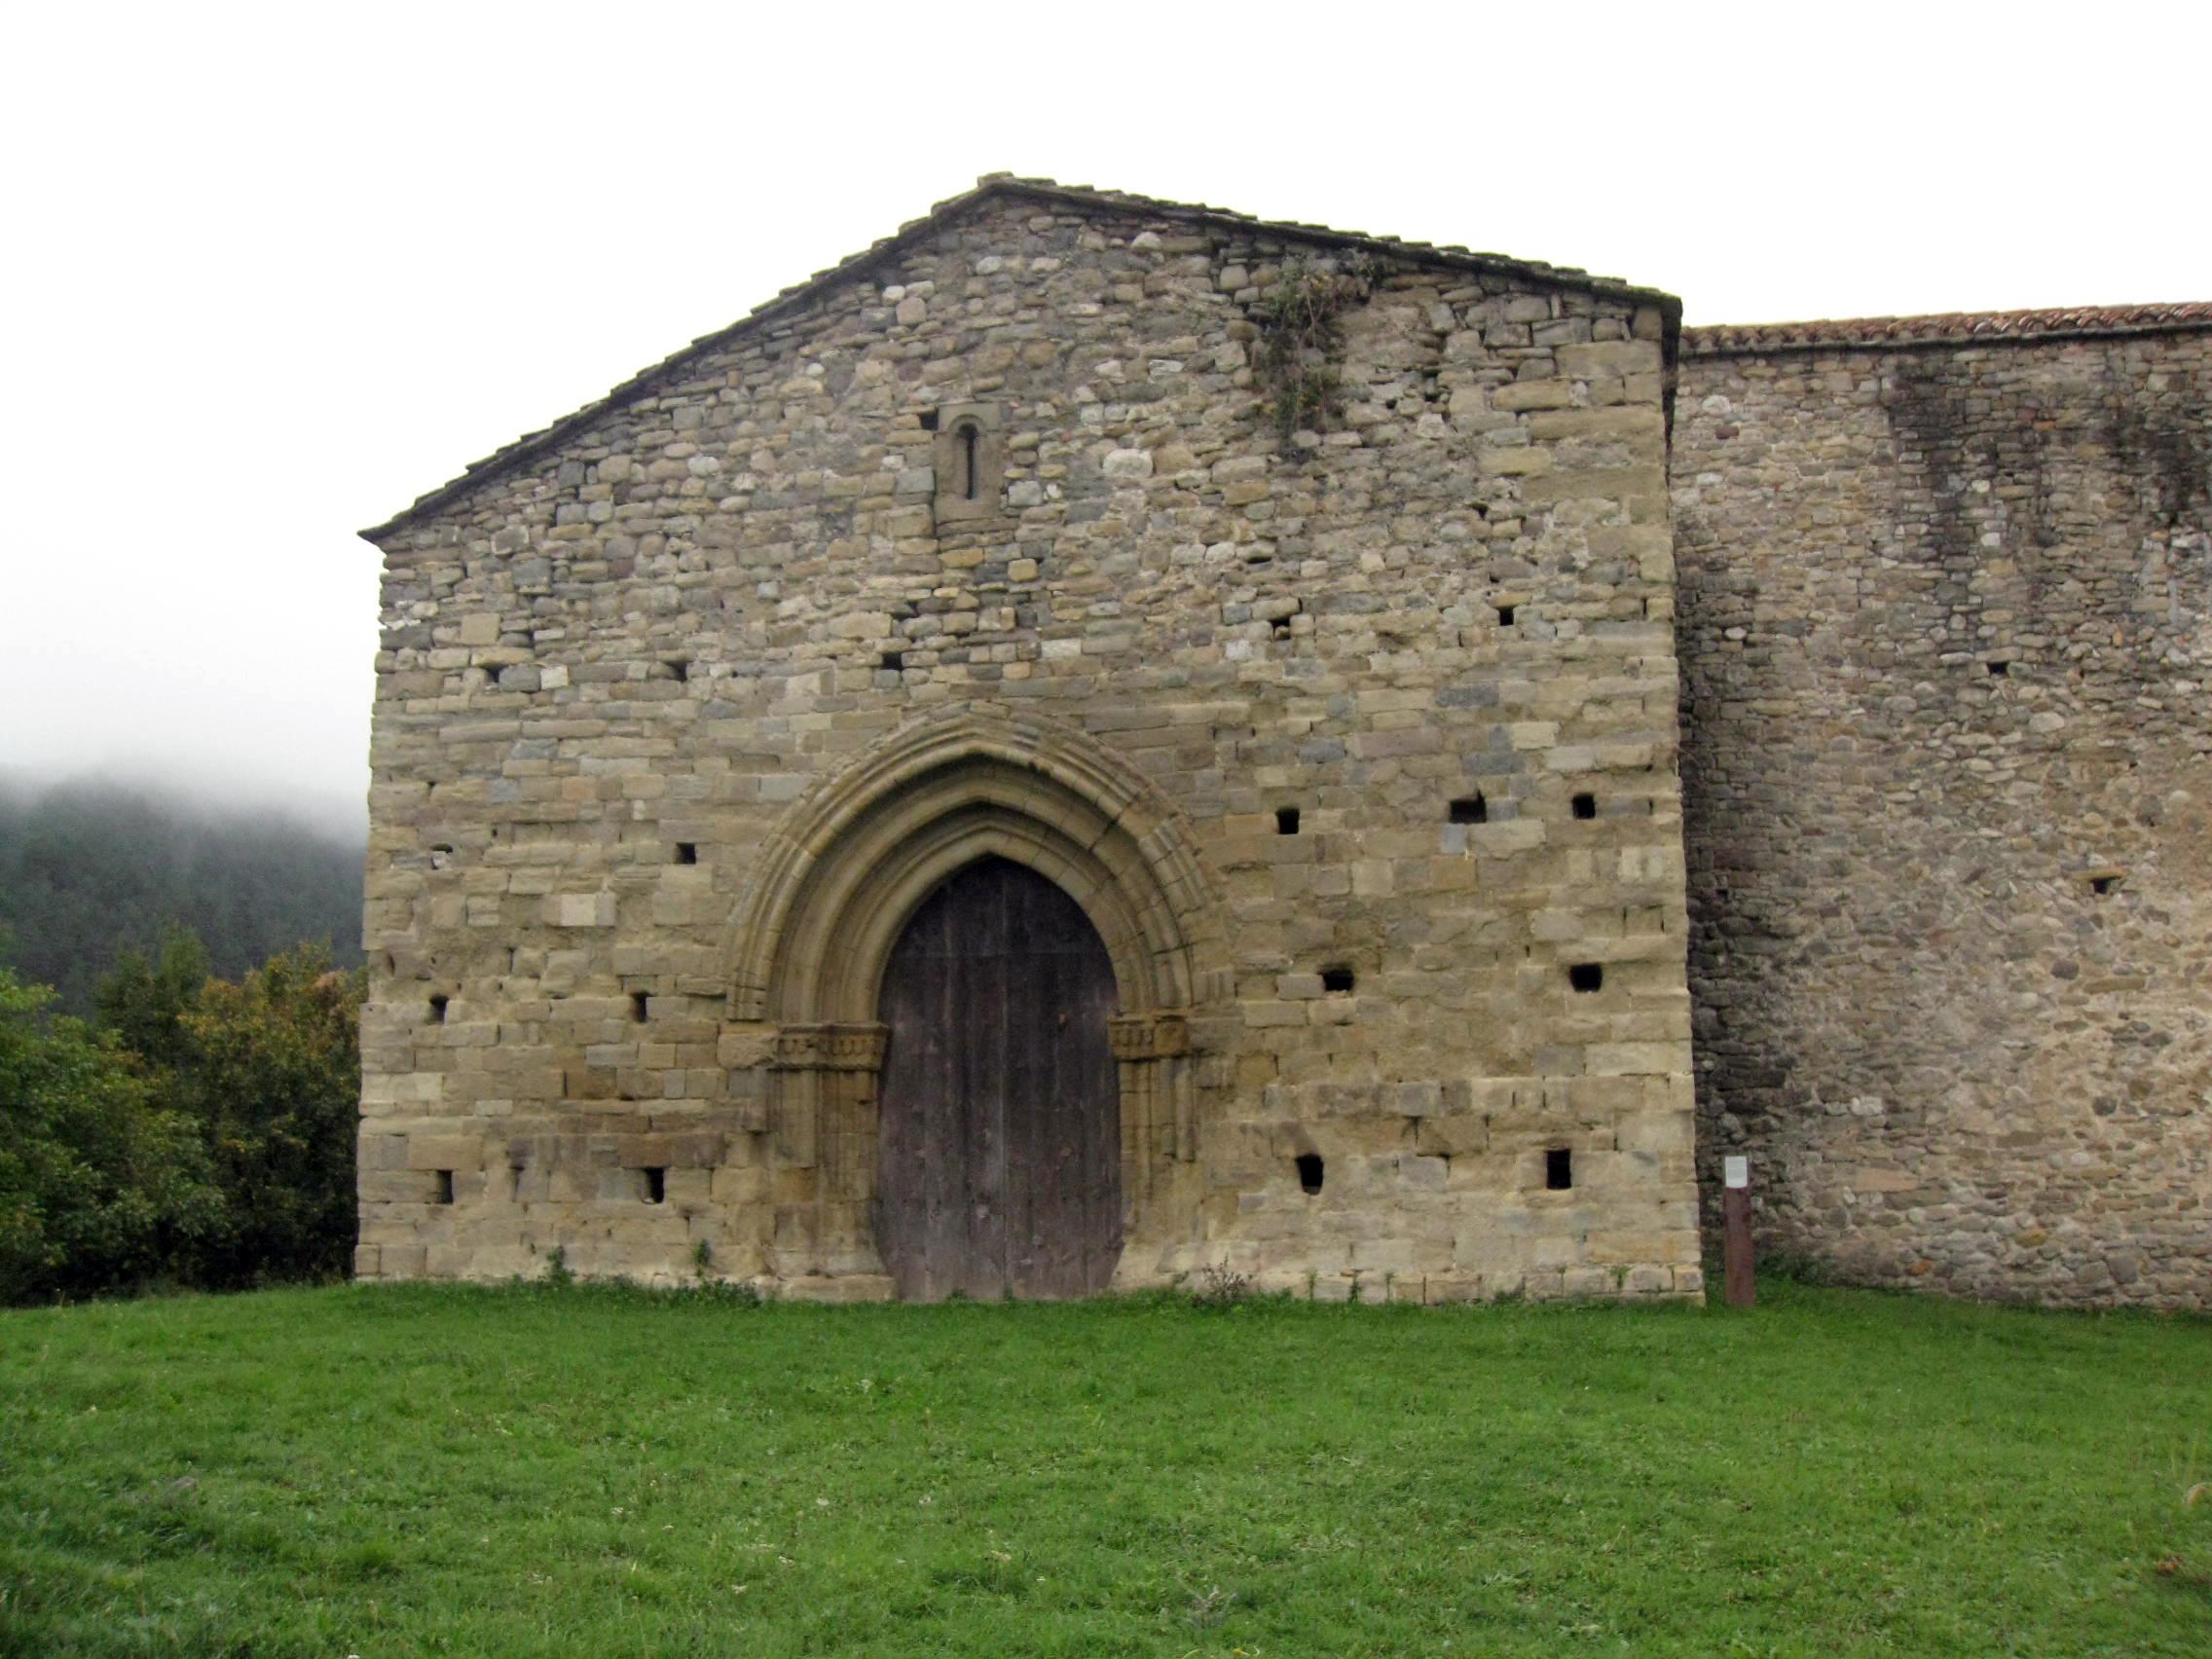 File:009 Monestir de Santa Maria de Lillet, portal gòtic.jpg - Wikimedia Commons